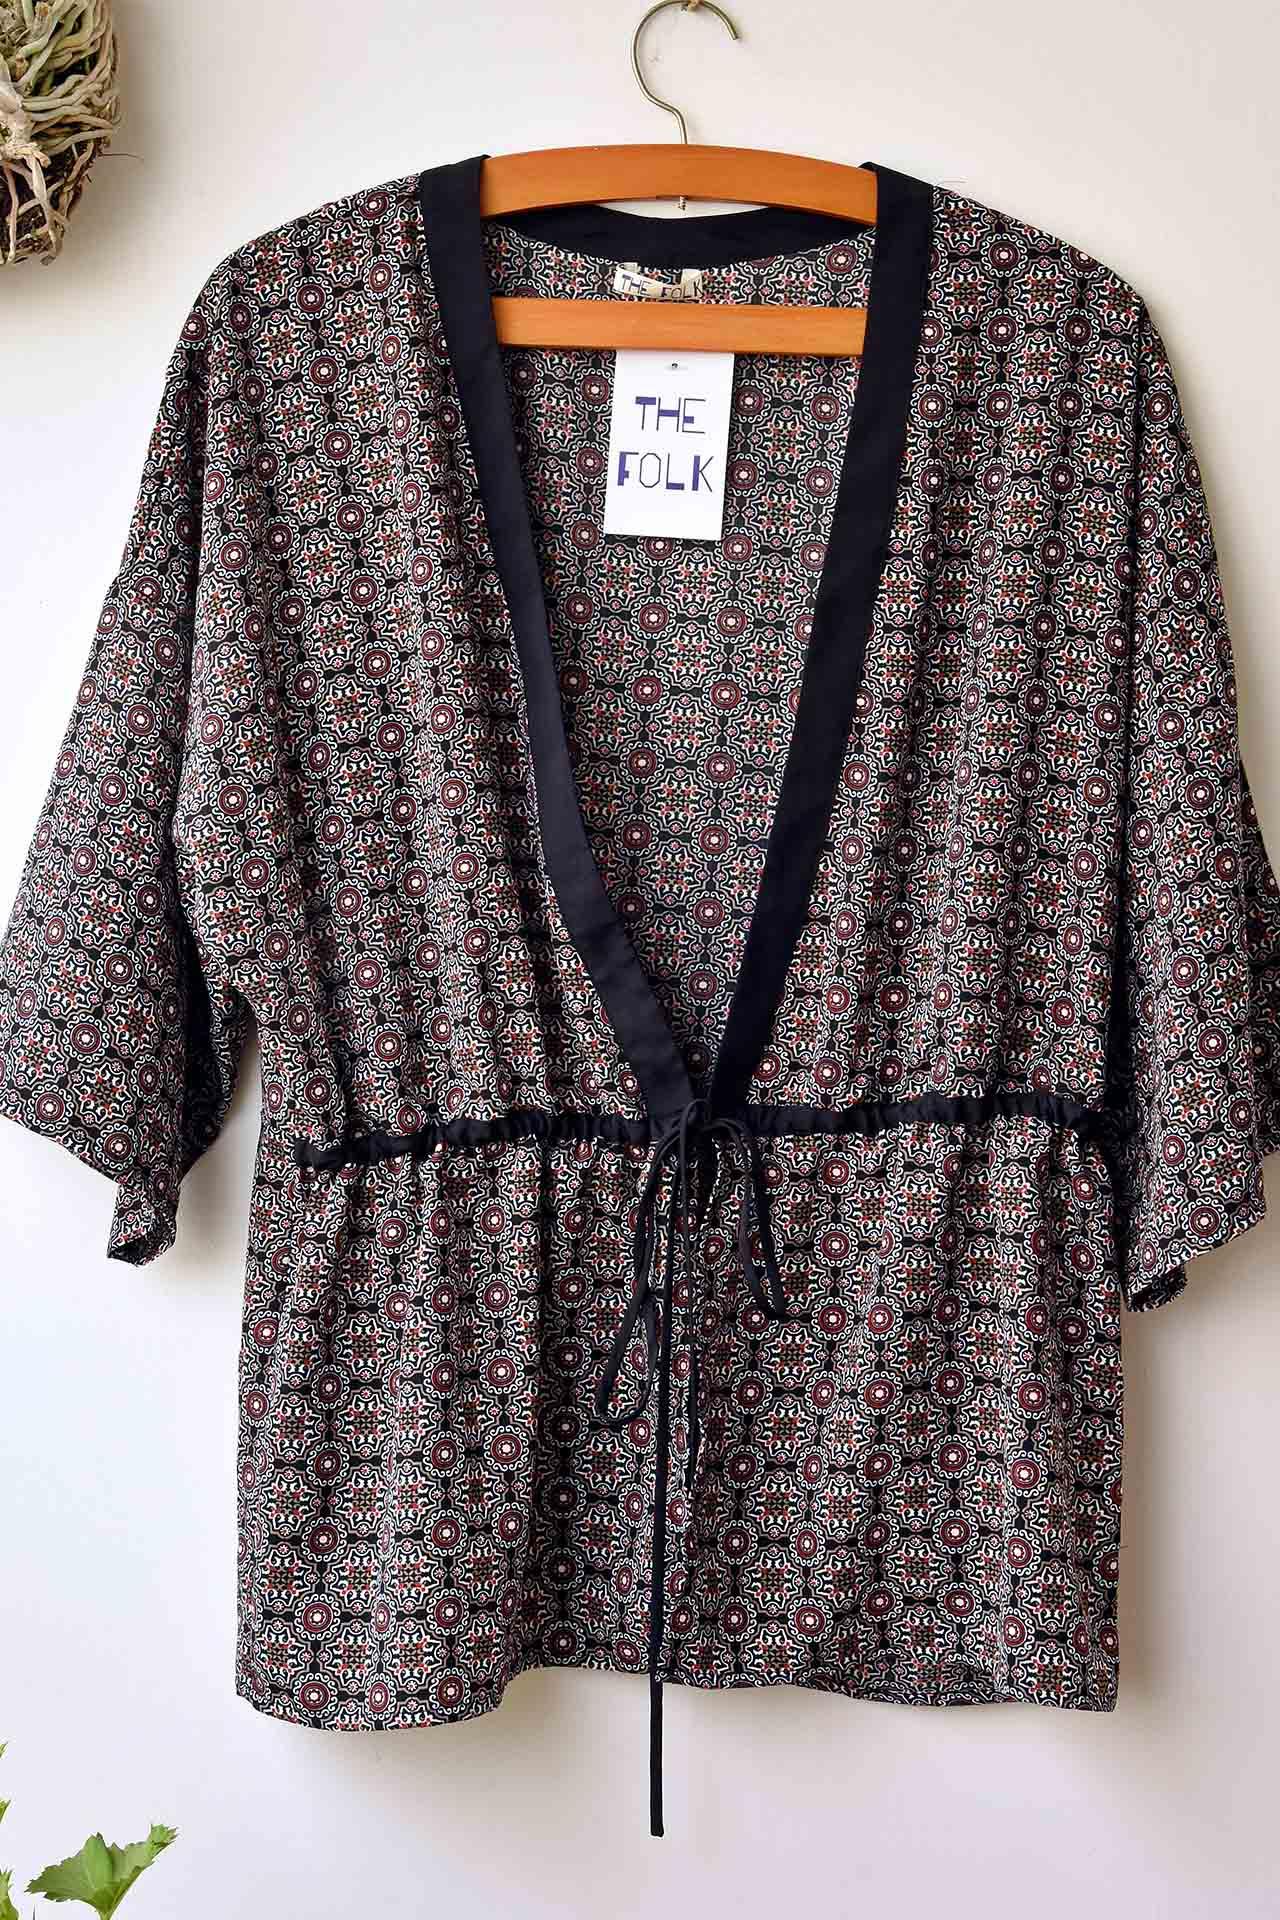 Kimono fondo negro con print en blanco y rojo. La tela es super suave y tiene una cintita para que te amarres el kimono a la altura de la cintura.